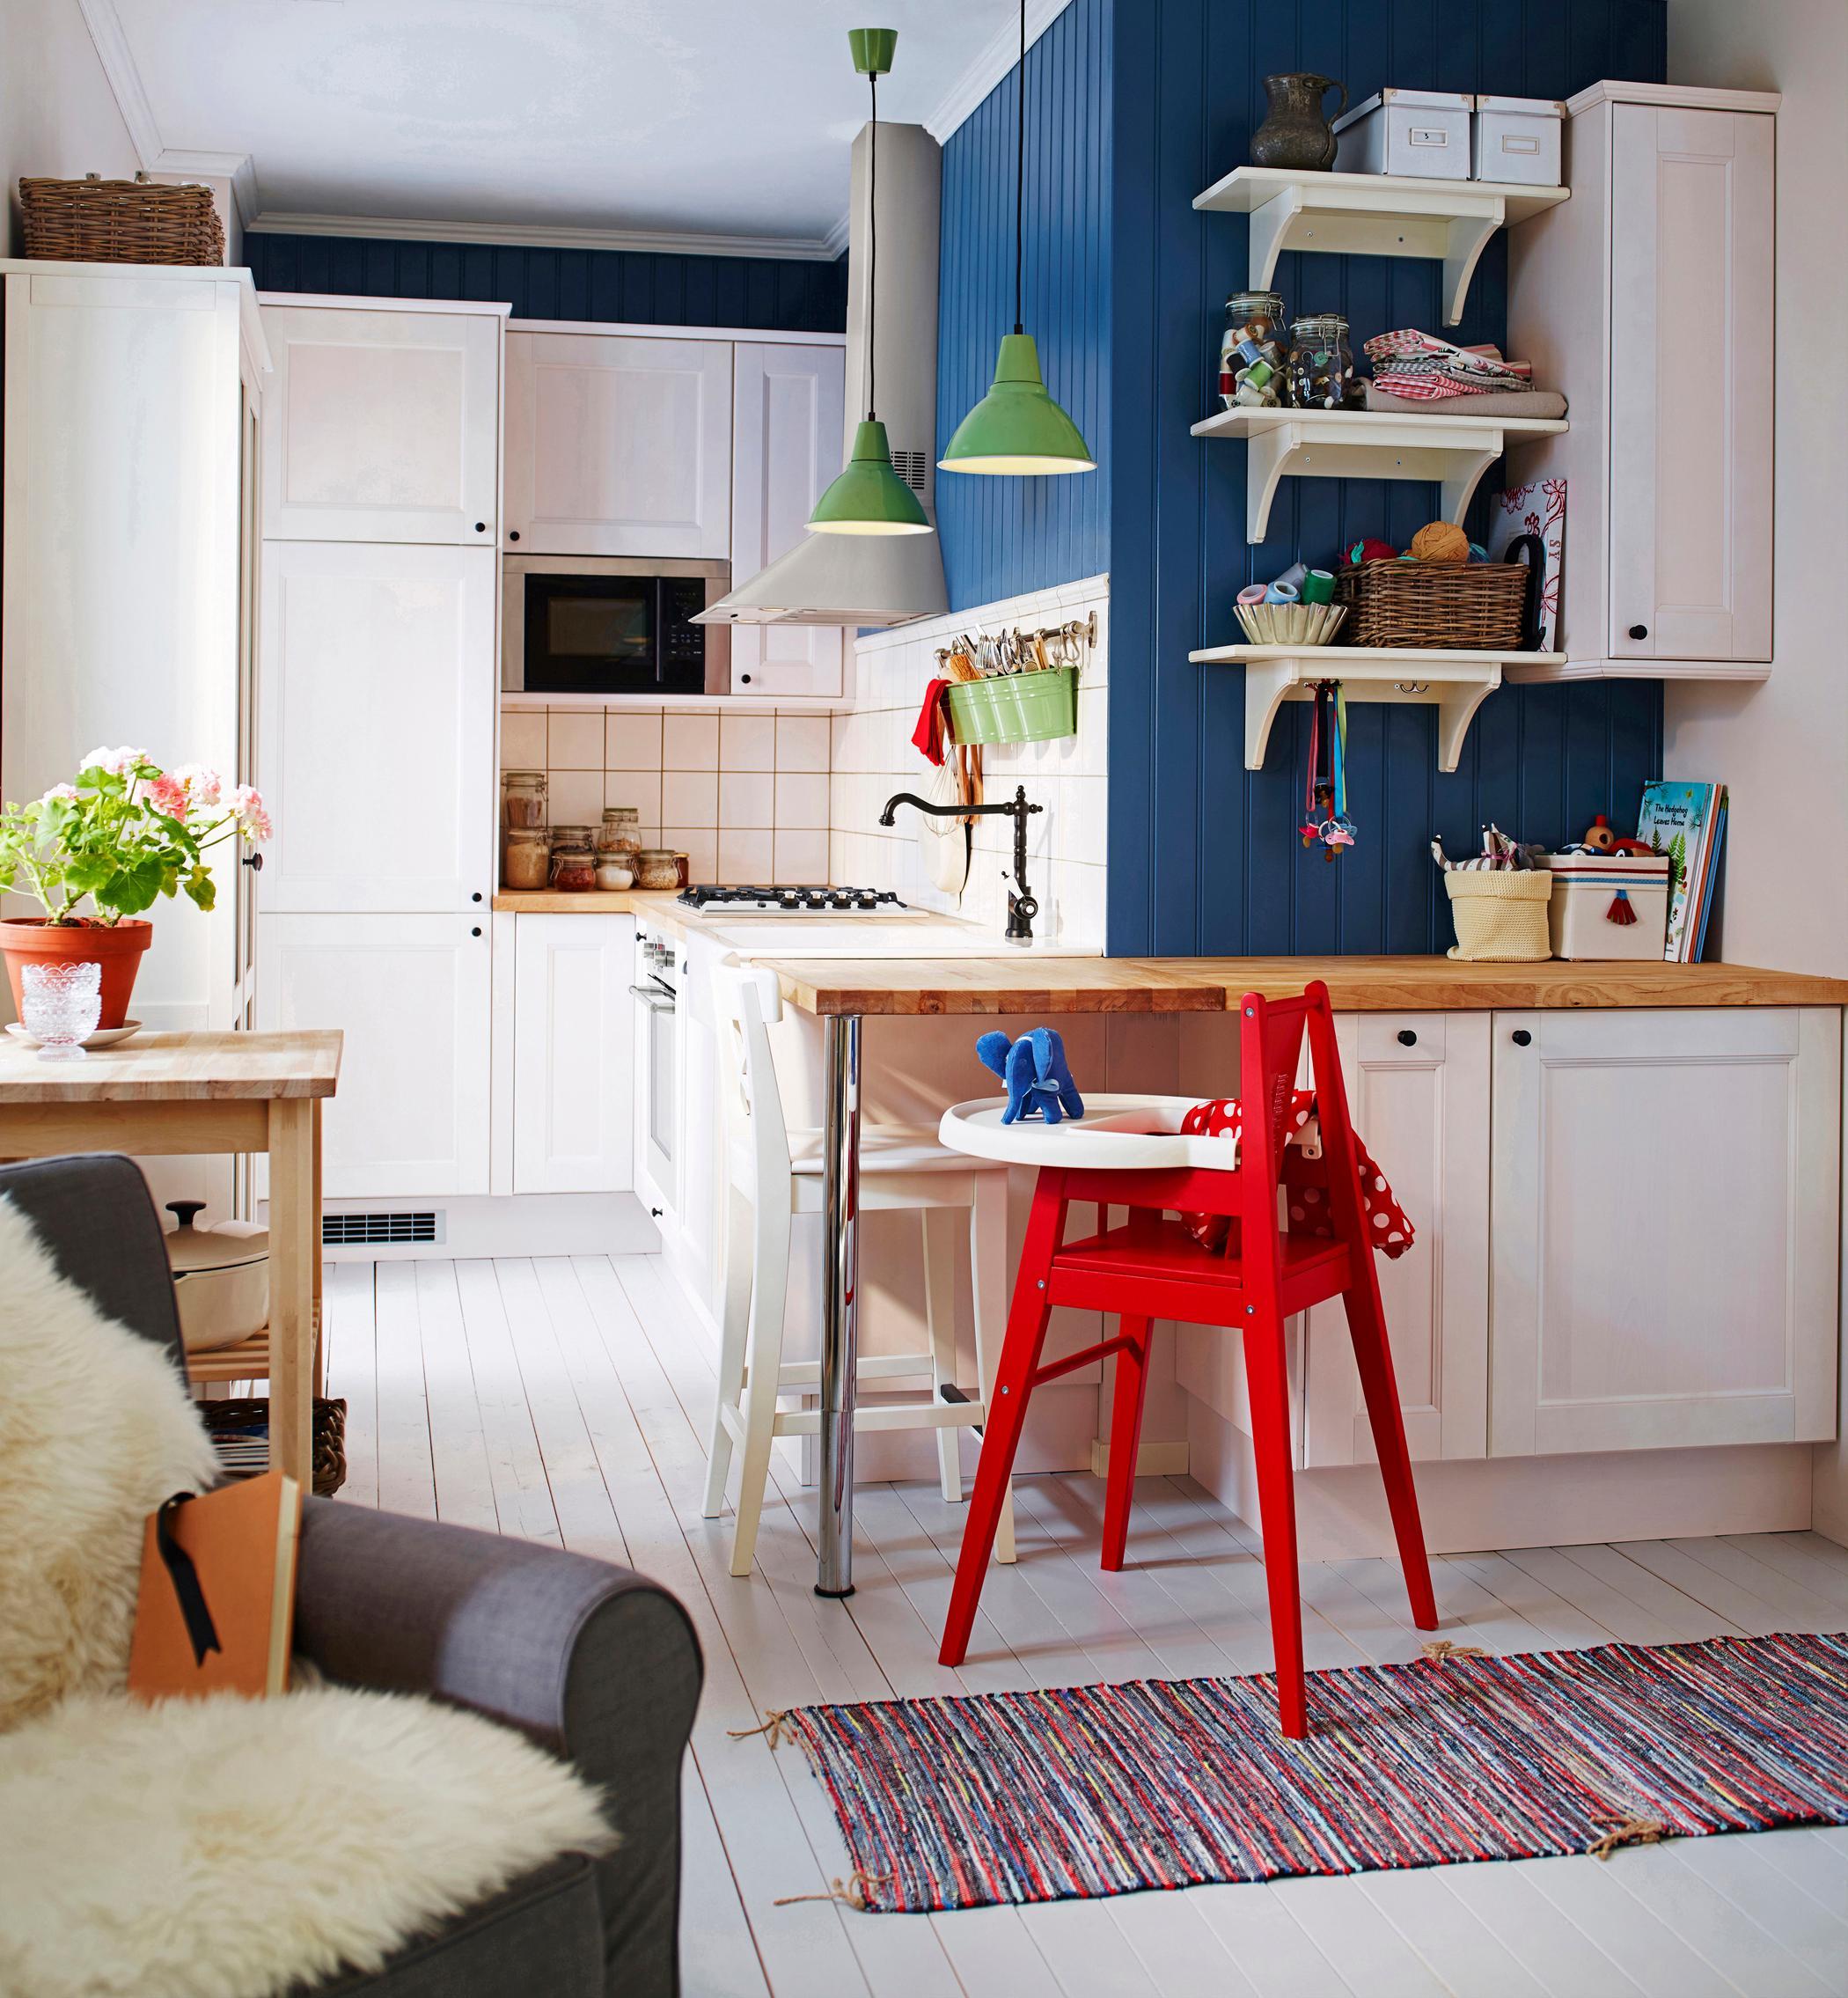 Full Size of Teppich Küche Ikea Charmante Wohnkche Fr Ganze Familie Kche Wo Einbauküche L Form Betten Bei Erweitern Grillplatte Gebraucht Wandsticker Miniküche Wohnzimmer Teppich Küche Ikea